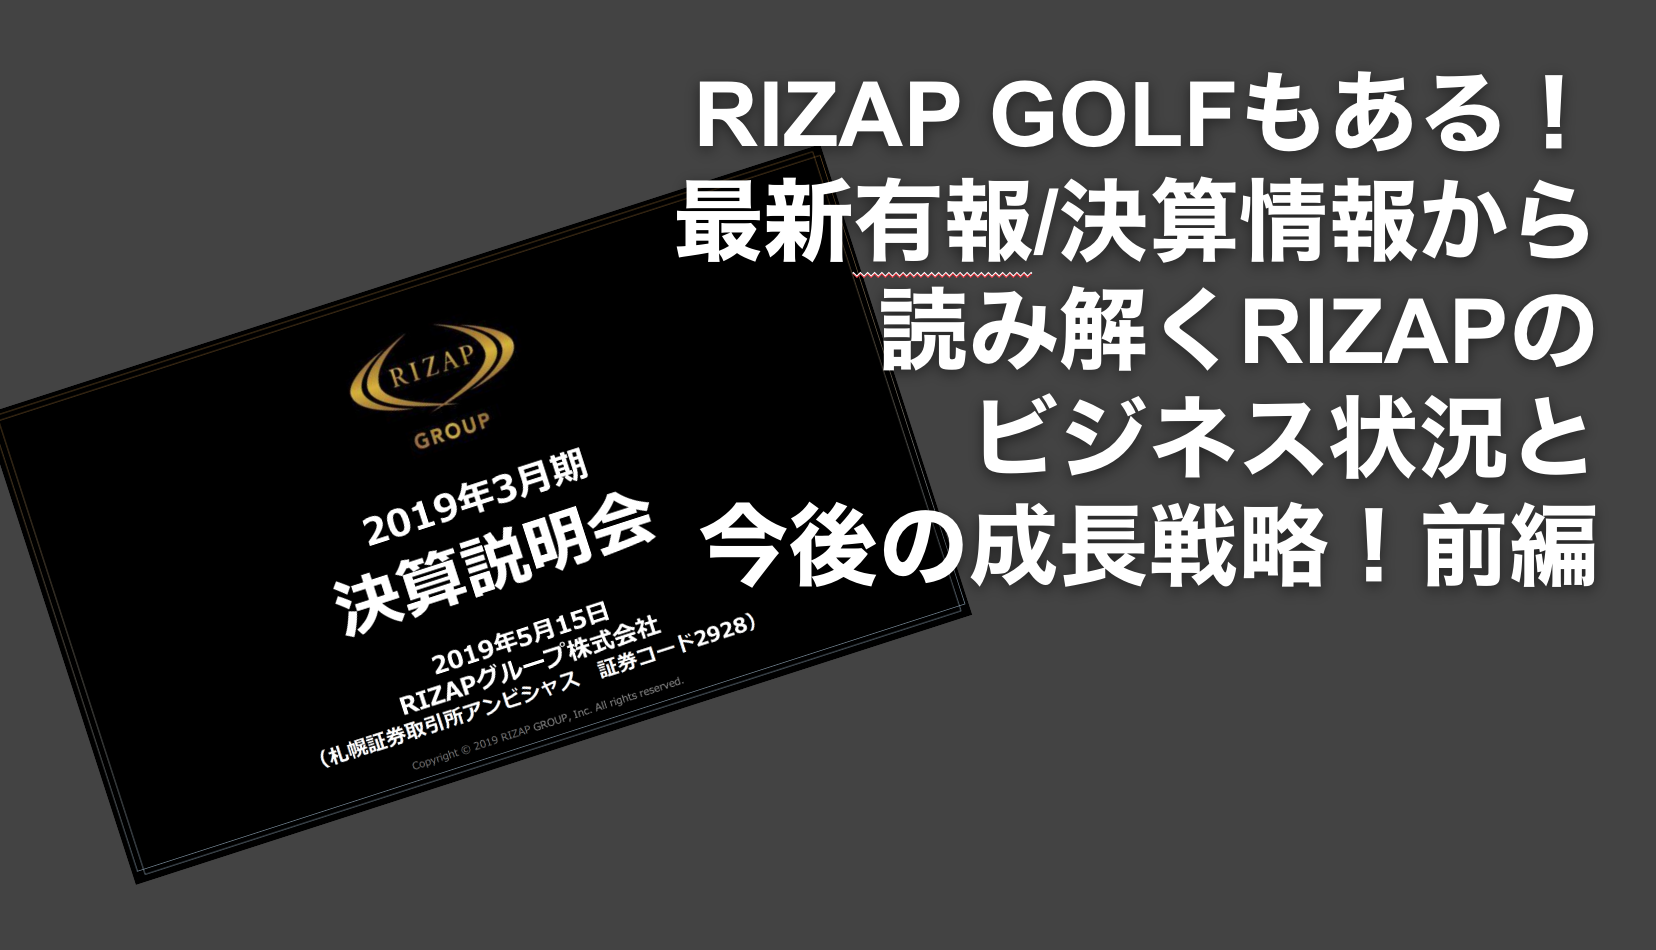 おすすめゴルフアプリドットコム_RIZAP